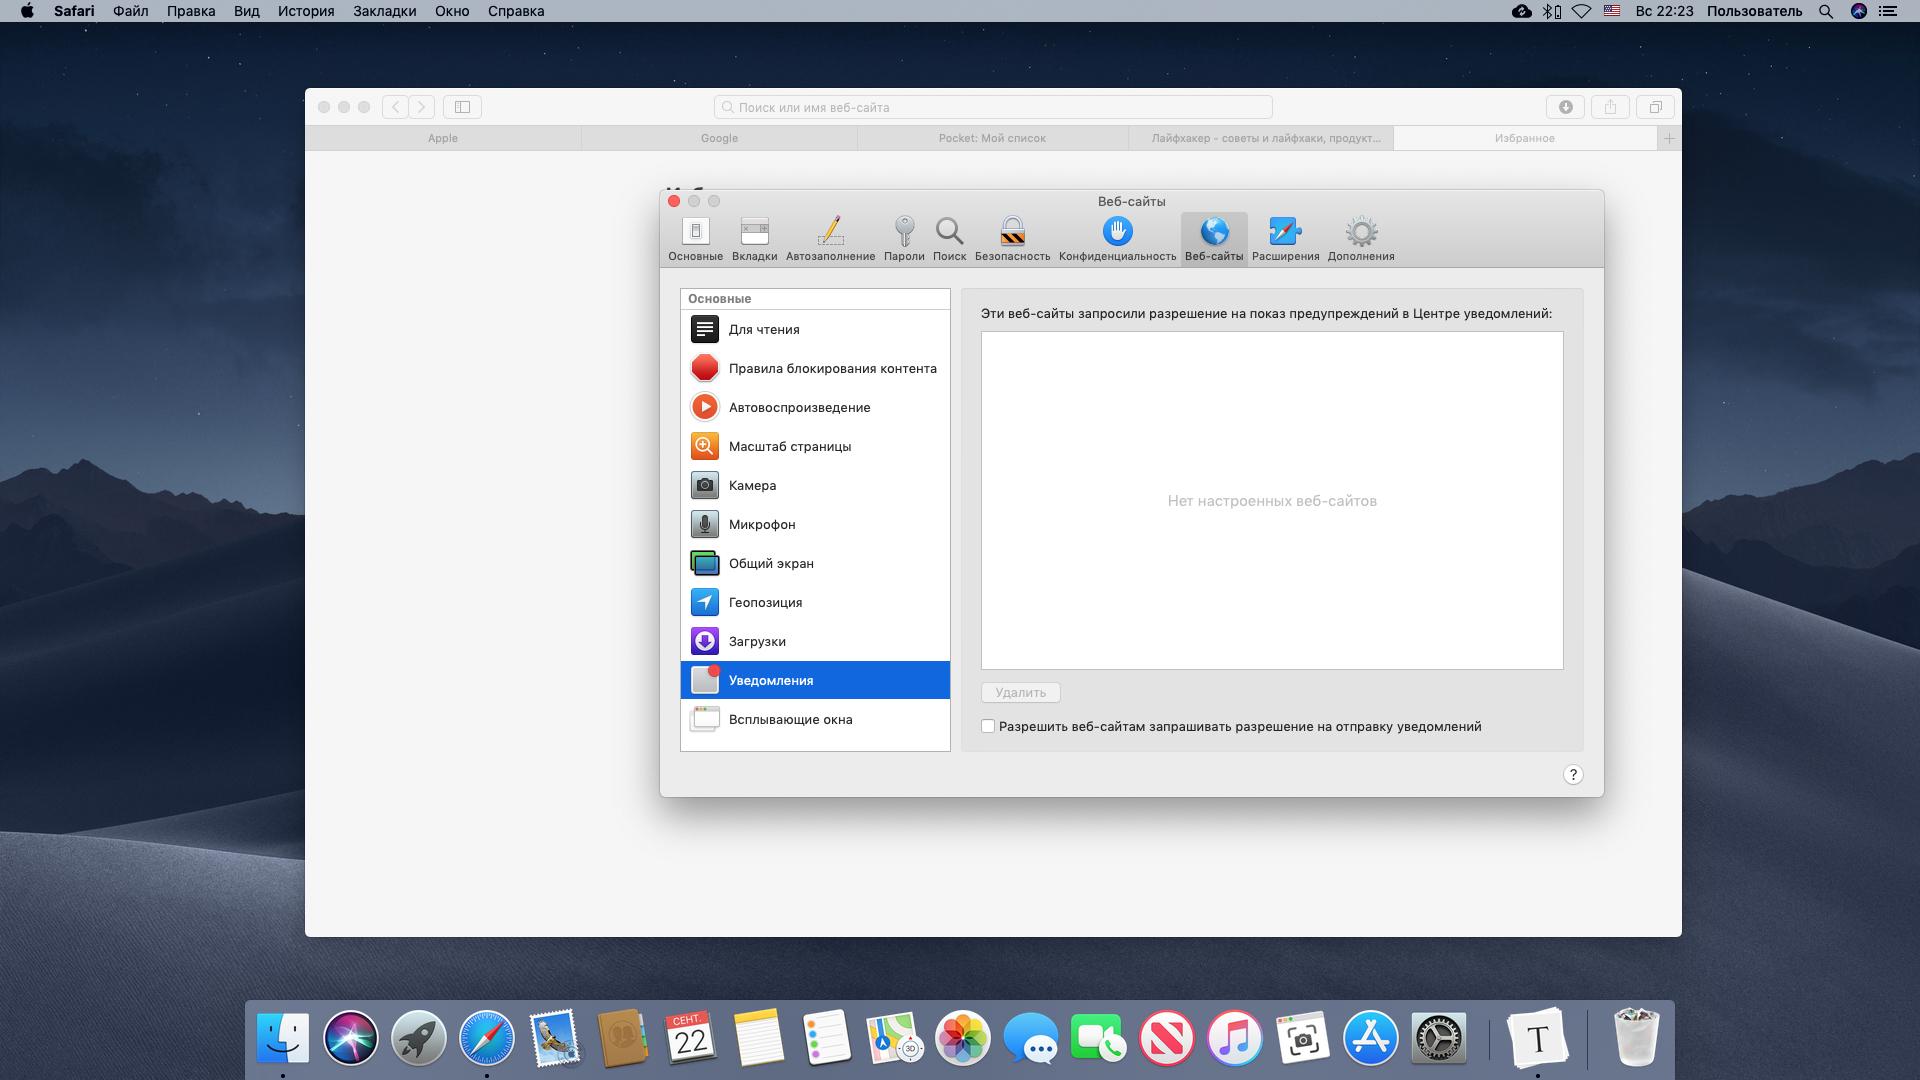 Настройка на Mac запрета уведомлений веб-сайтов